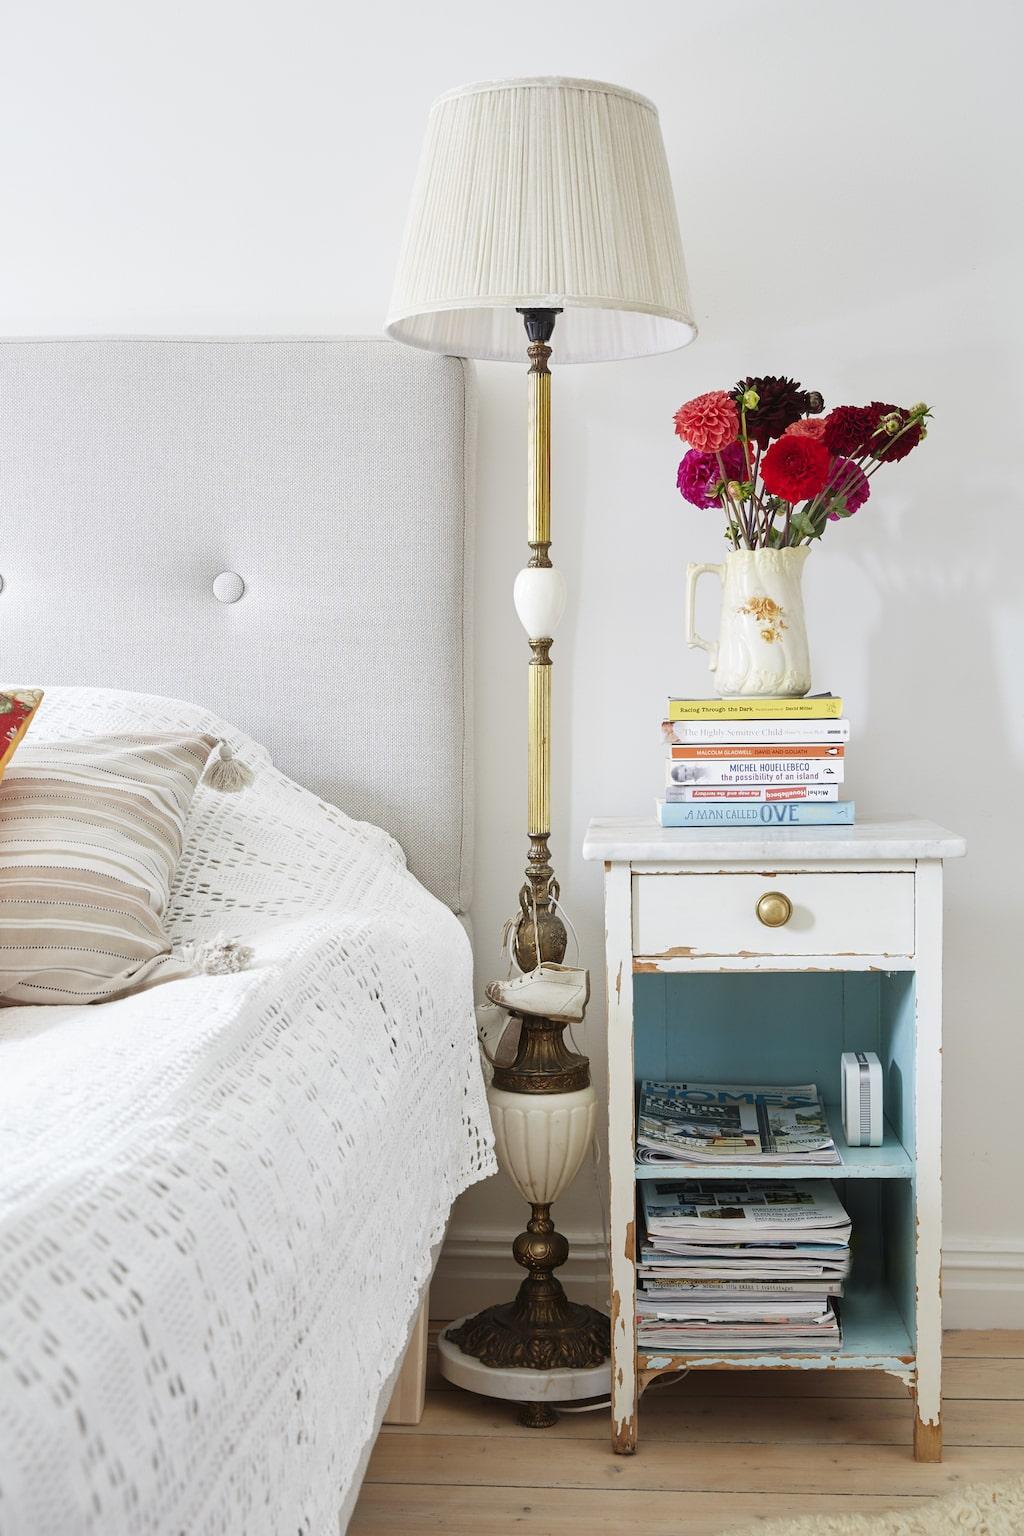 Sängbord med vacker patina och sanslöst vacker vintage golvlampa, båda loppisfynd. Dahlior i starka färger, en av Hannas favorit bland blommor.